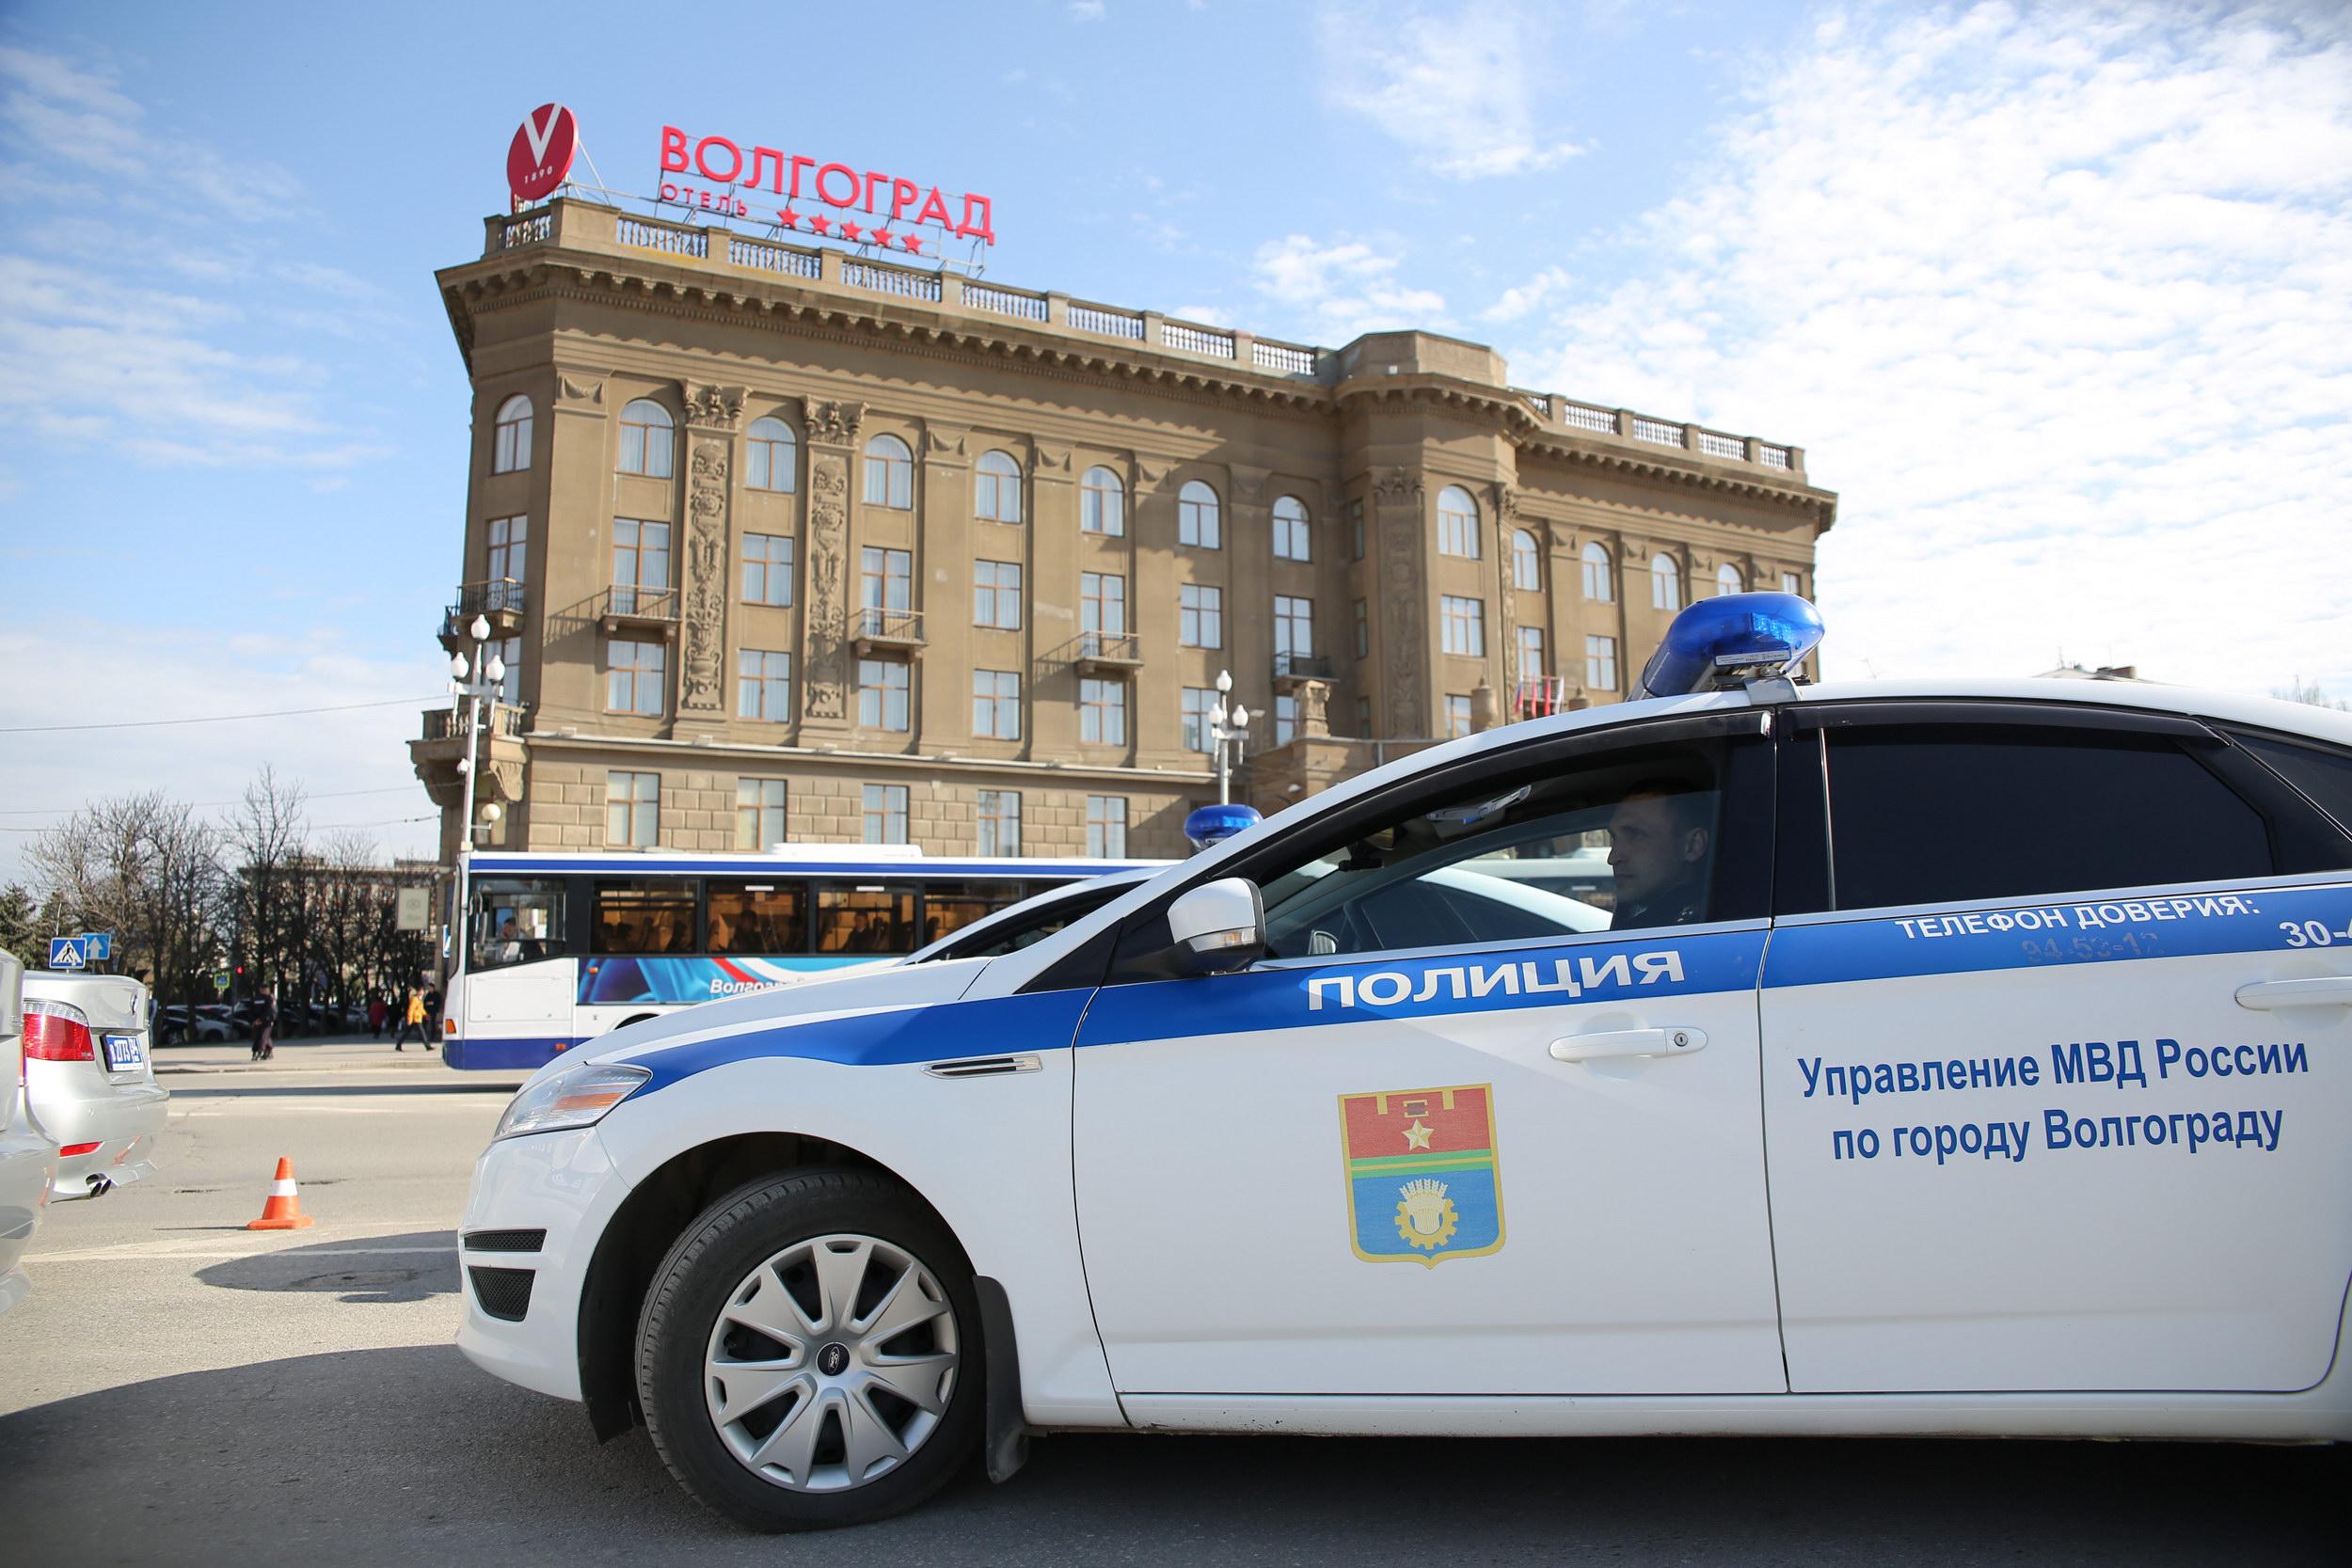 32 депутата изВолгоградской области скрыли часть собственных доходов